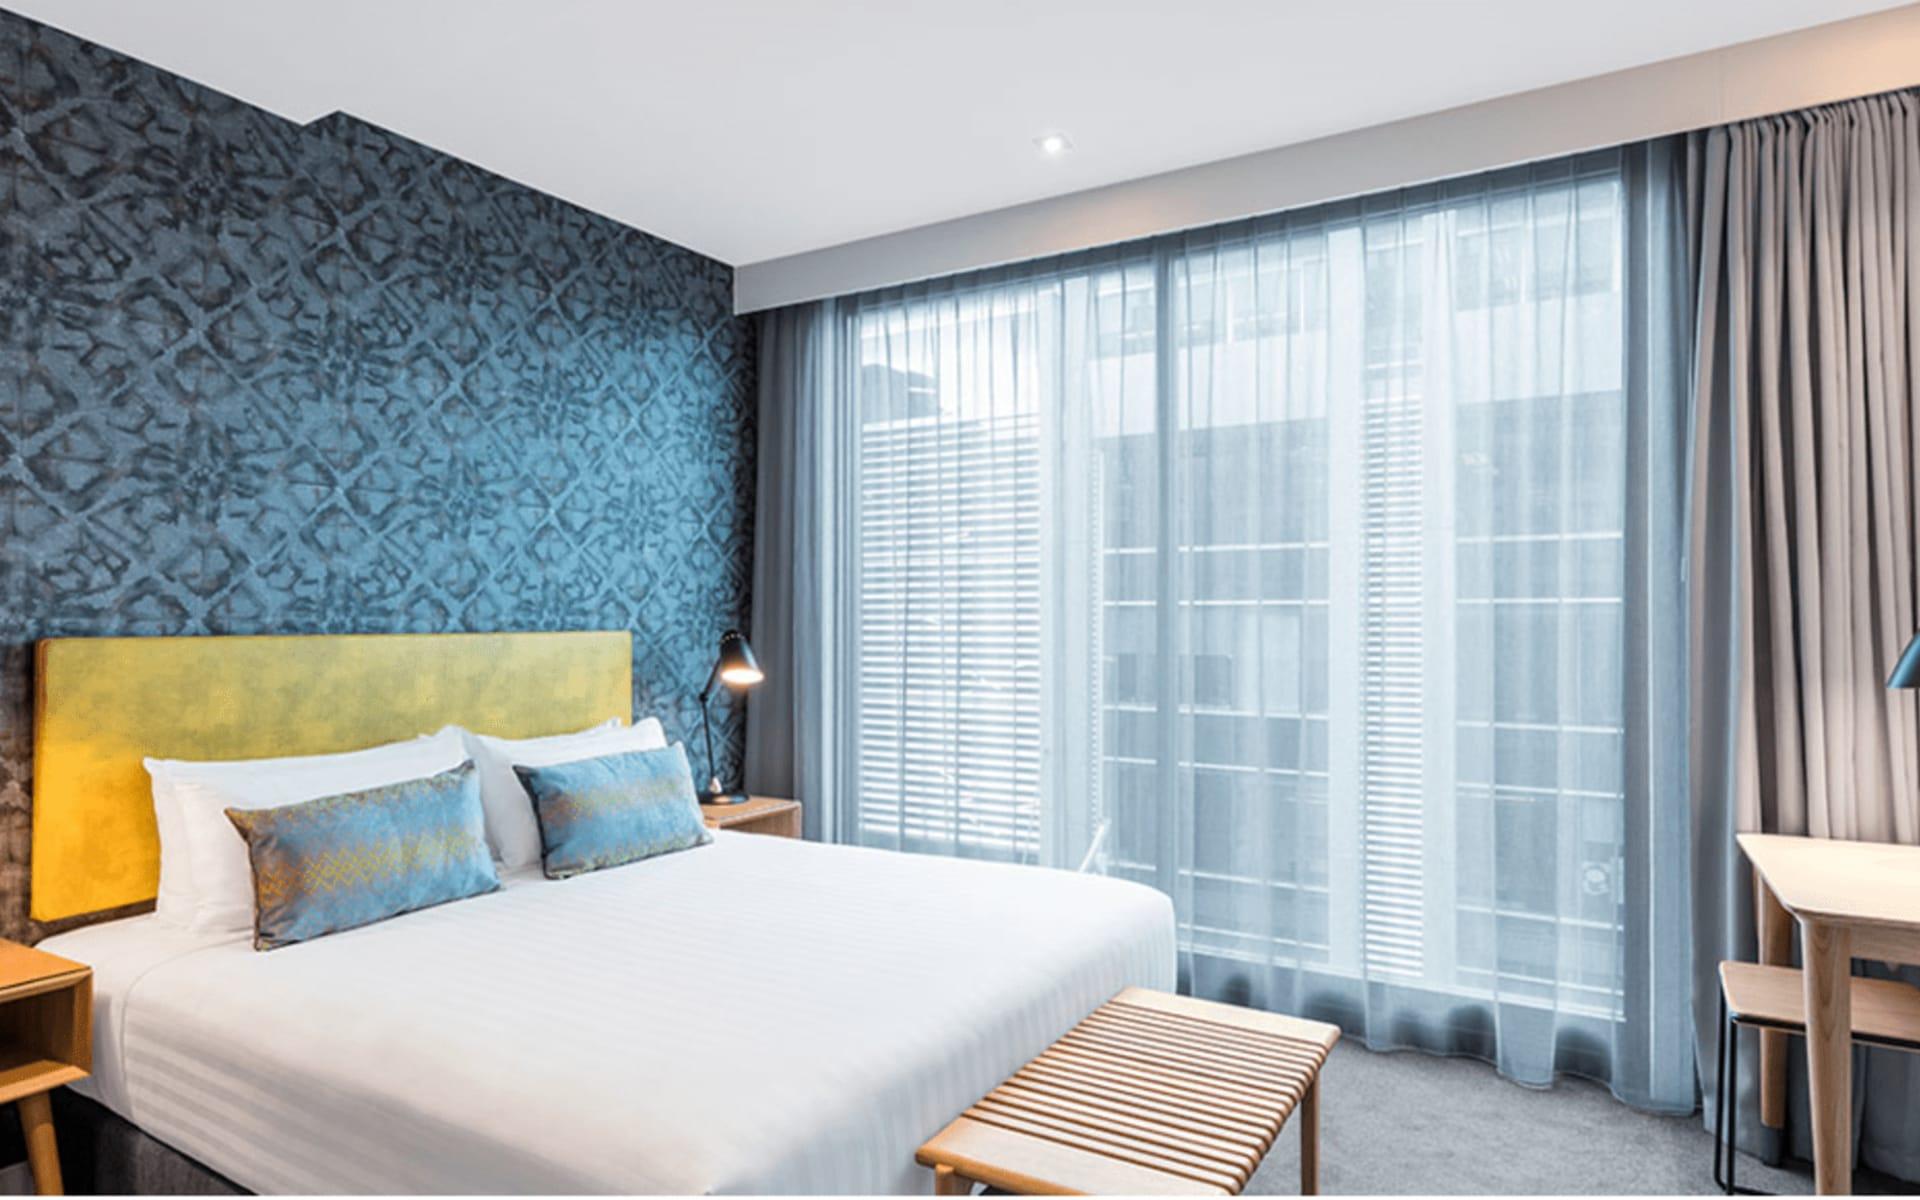 Adina Apartment Hotel Auckland: Adina Apart hotel Room